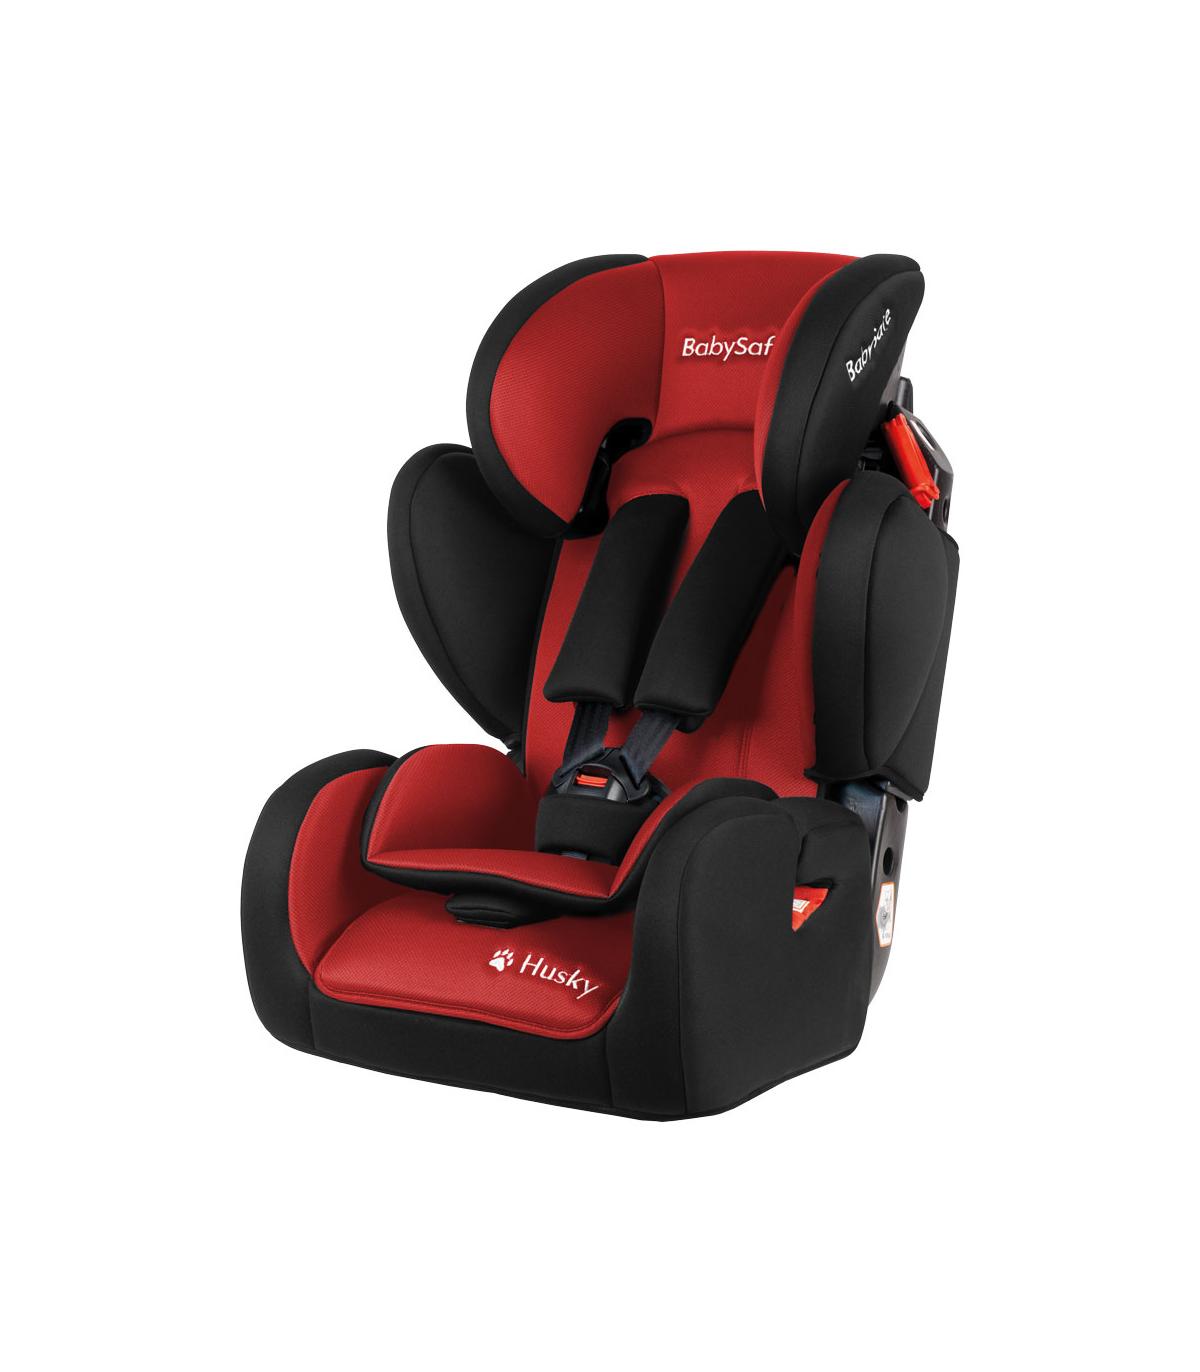 BabySafe Husky SIP Red Car Seat (9